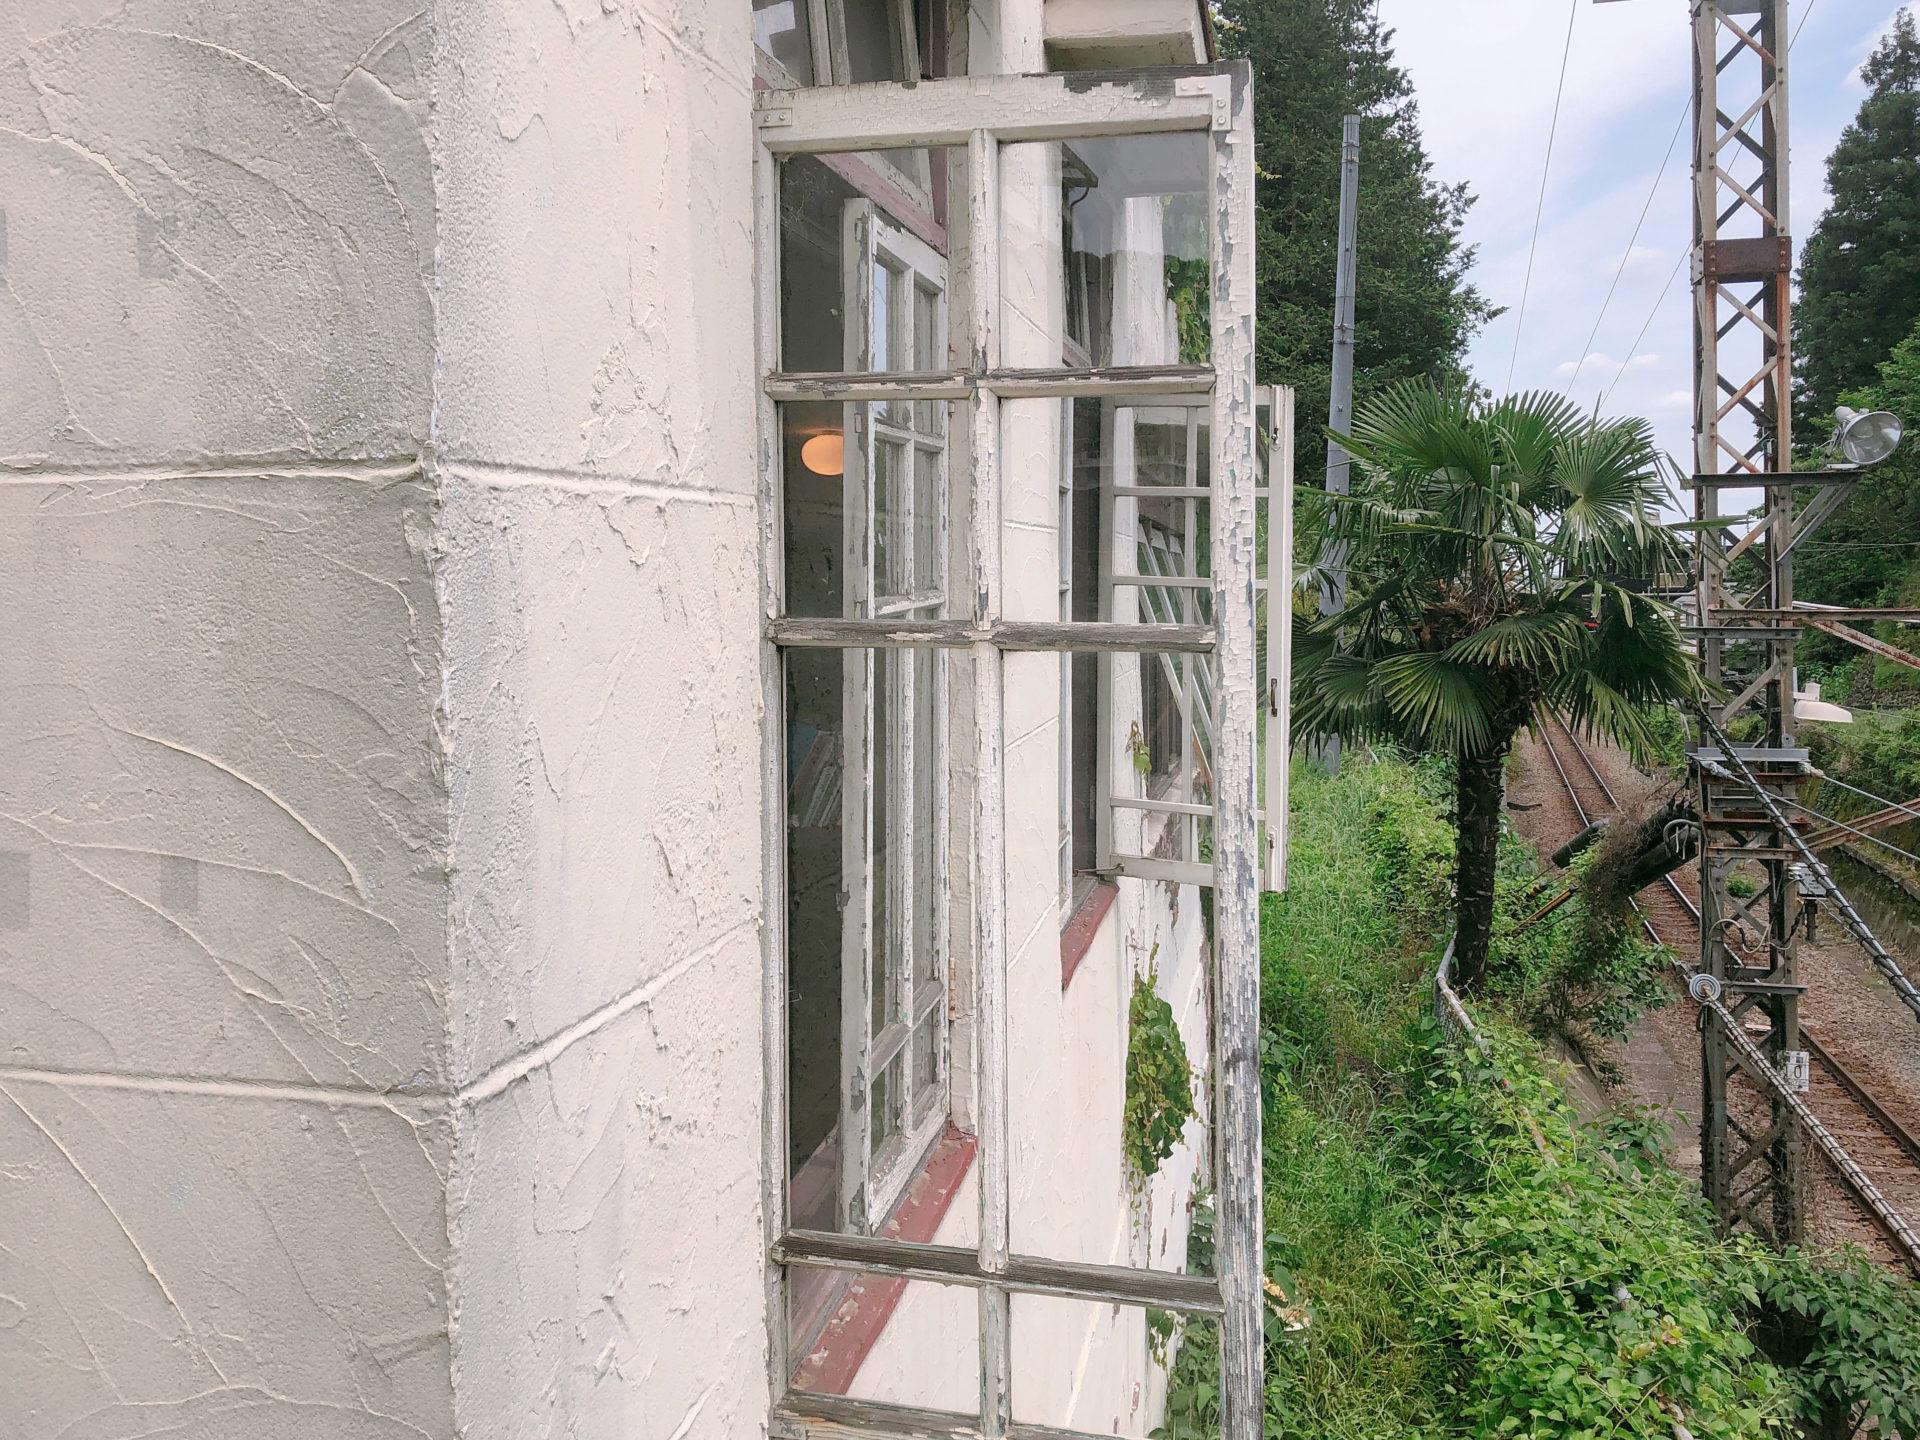 出窓の扉と線路